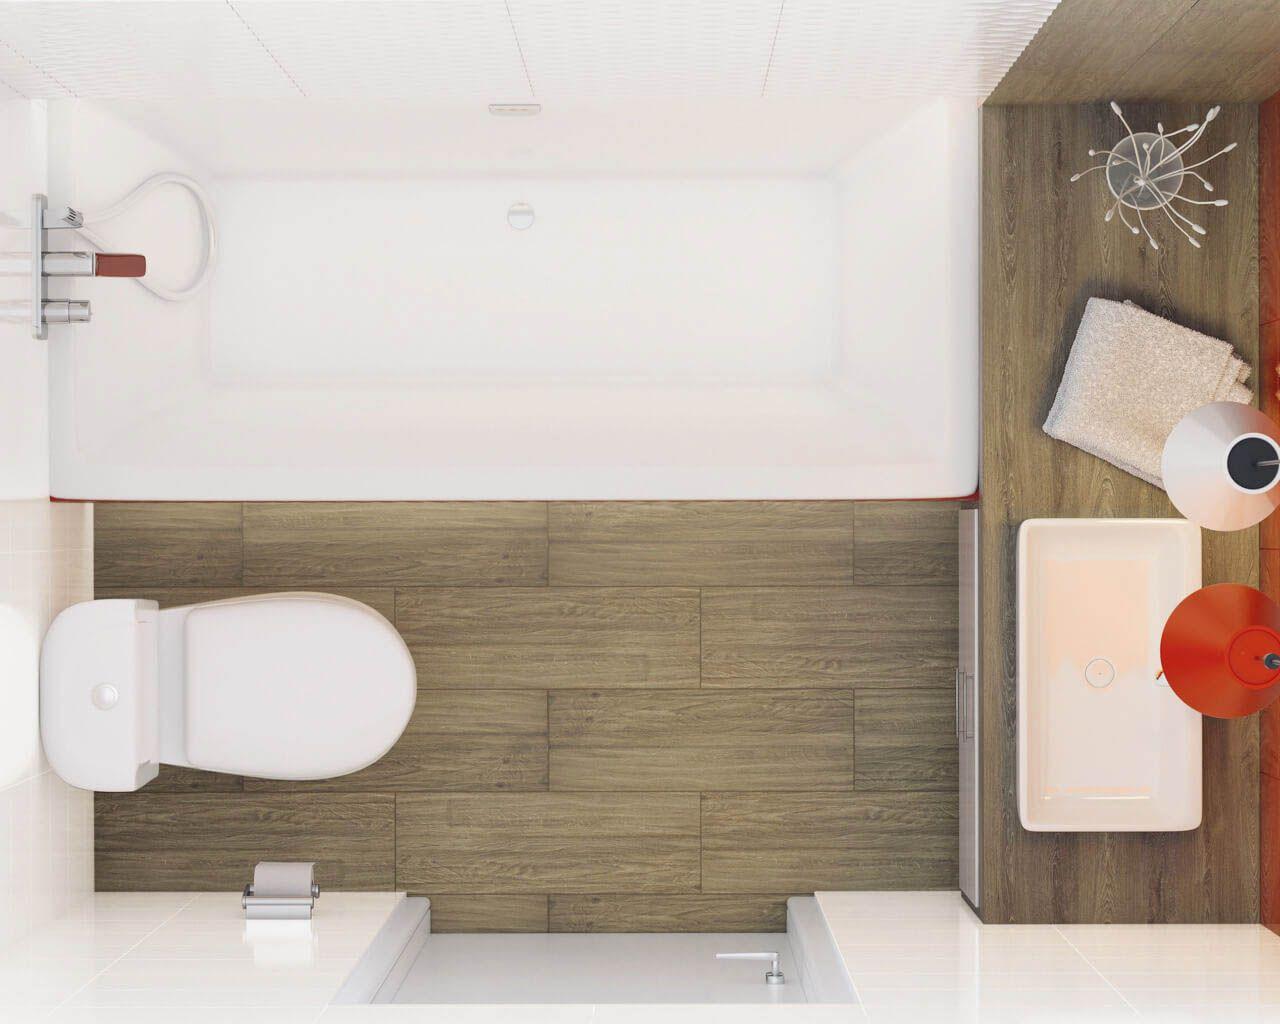 Podłużny Układ Niewielkiej łazienki Ceramika Paradyż